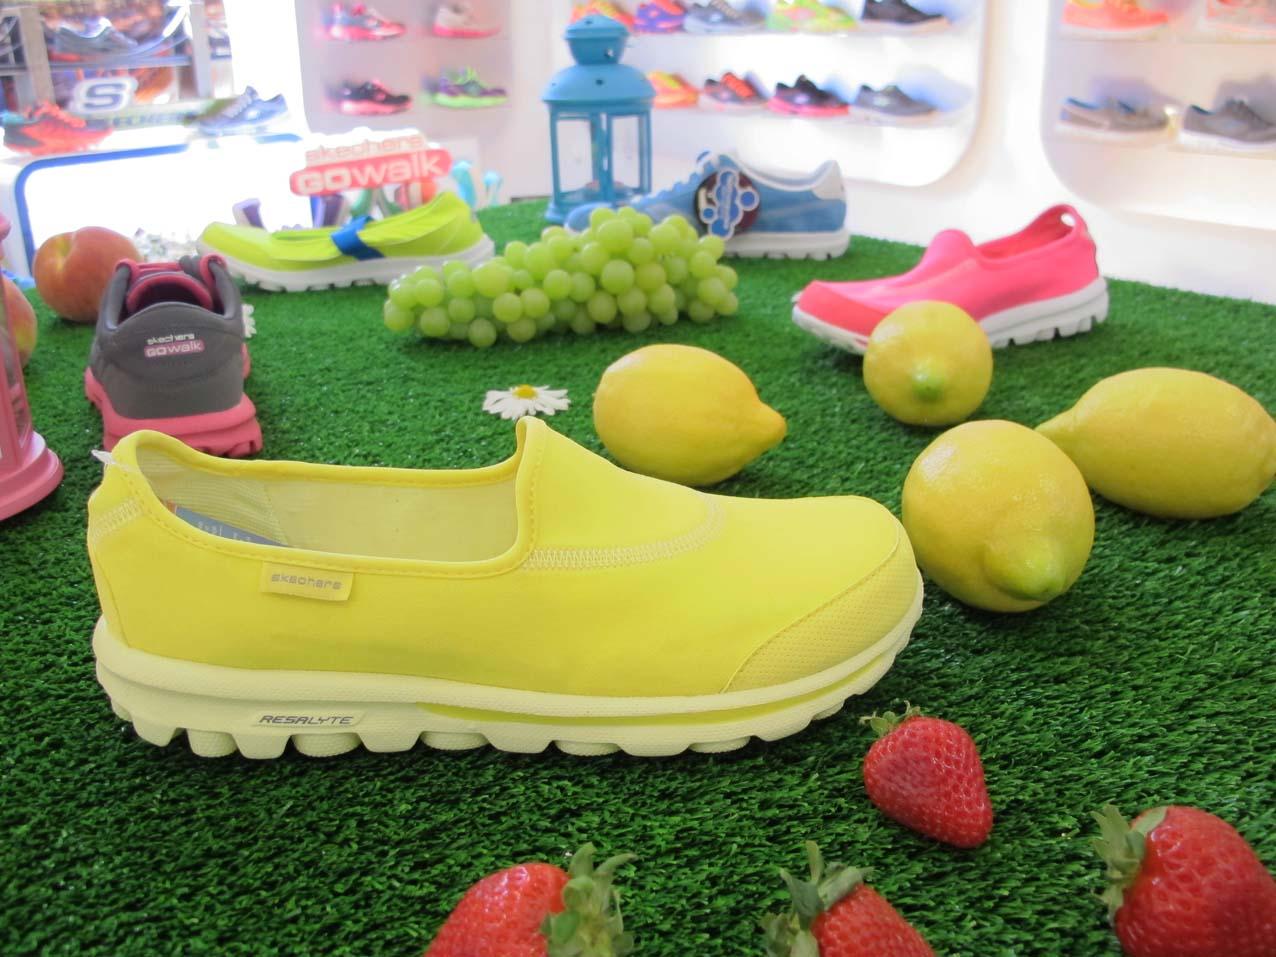 Skechers Go Walk  Wide Width Shoes